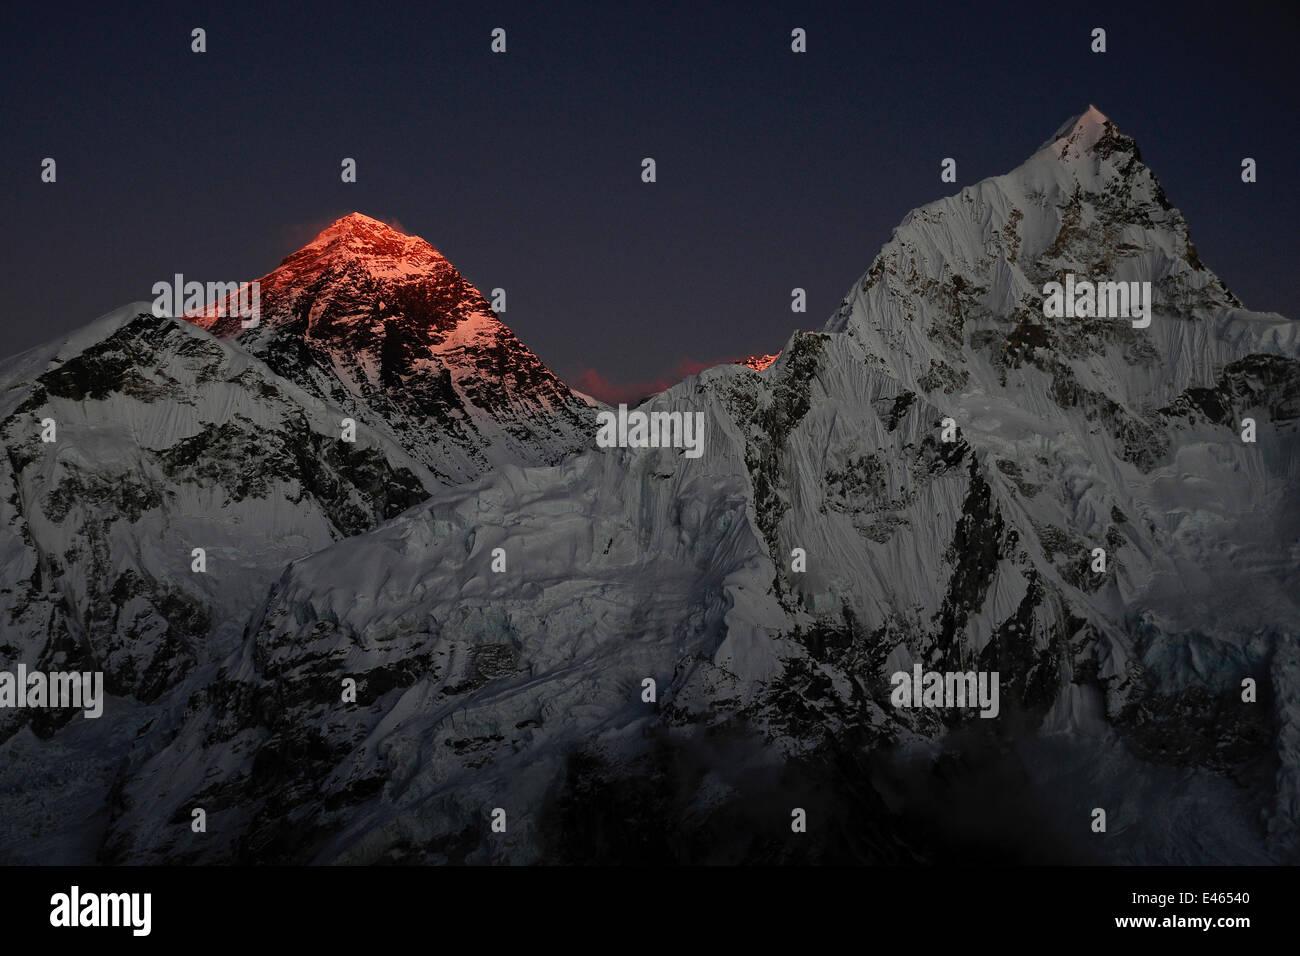 La última luz del día iluminando la cumbre del Monte Everest, el Parque Nacional de Sagarmatha, Khumbu, Imagen De Stock